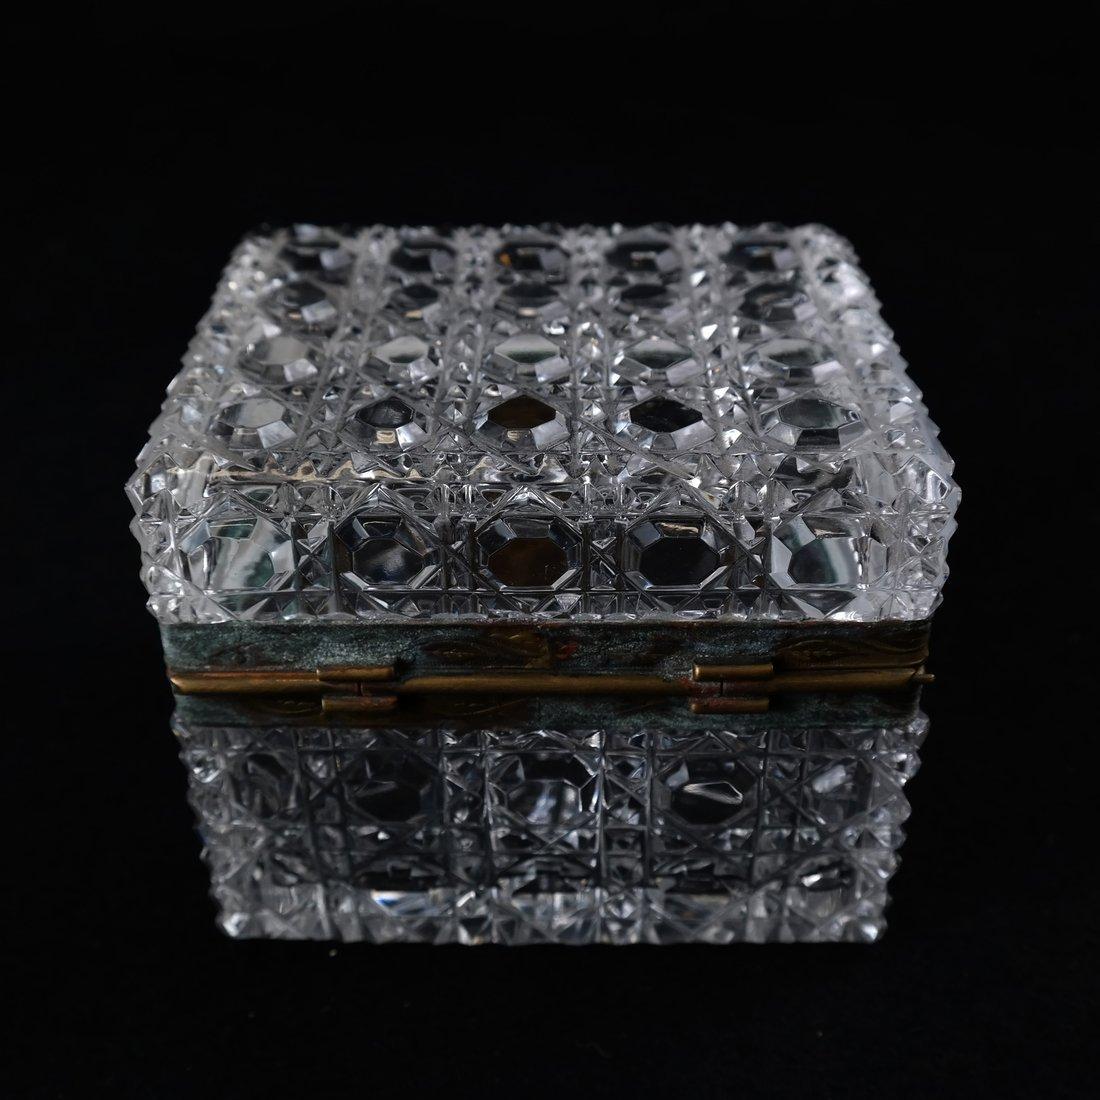 Fine Crystal Jewelry Box - 5